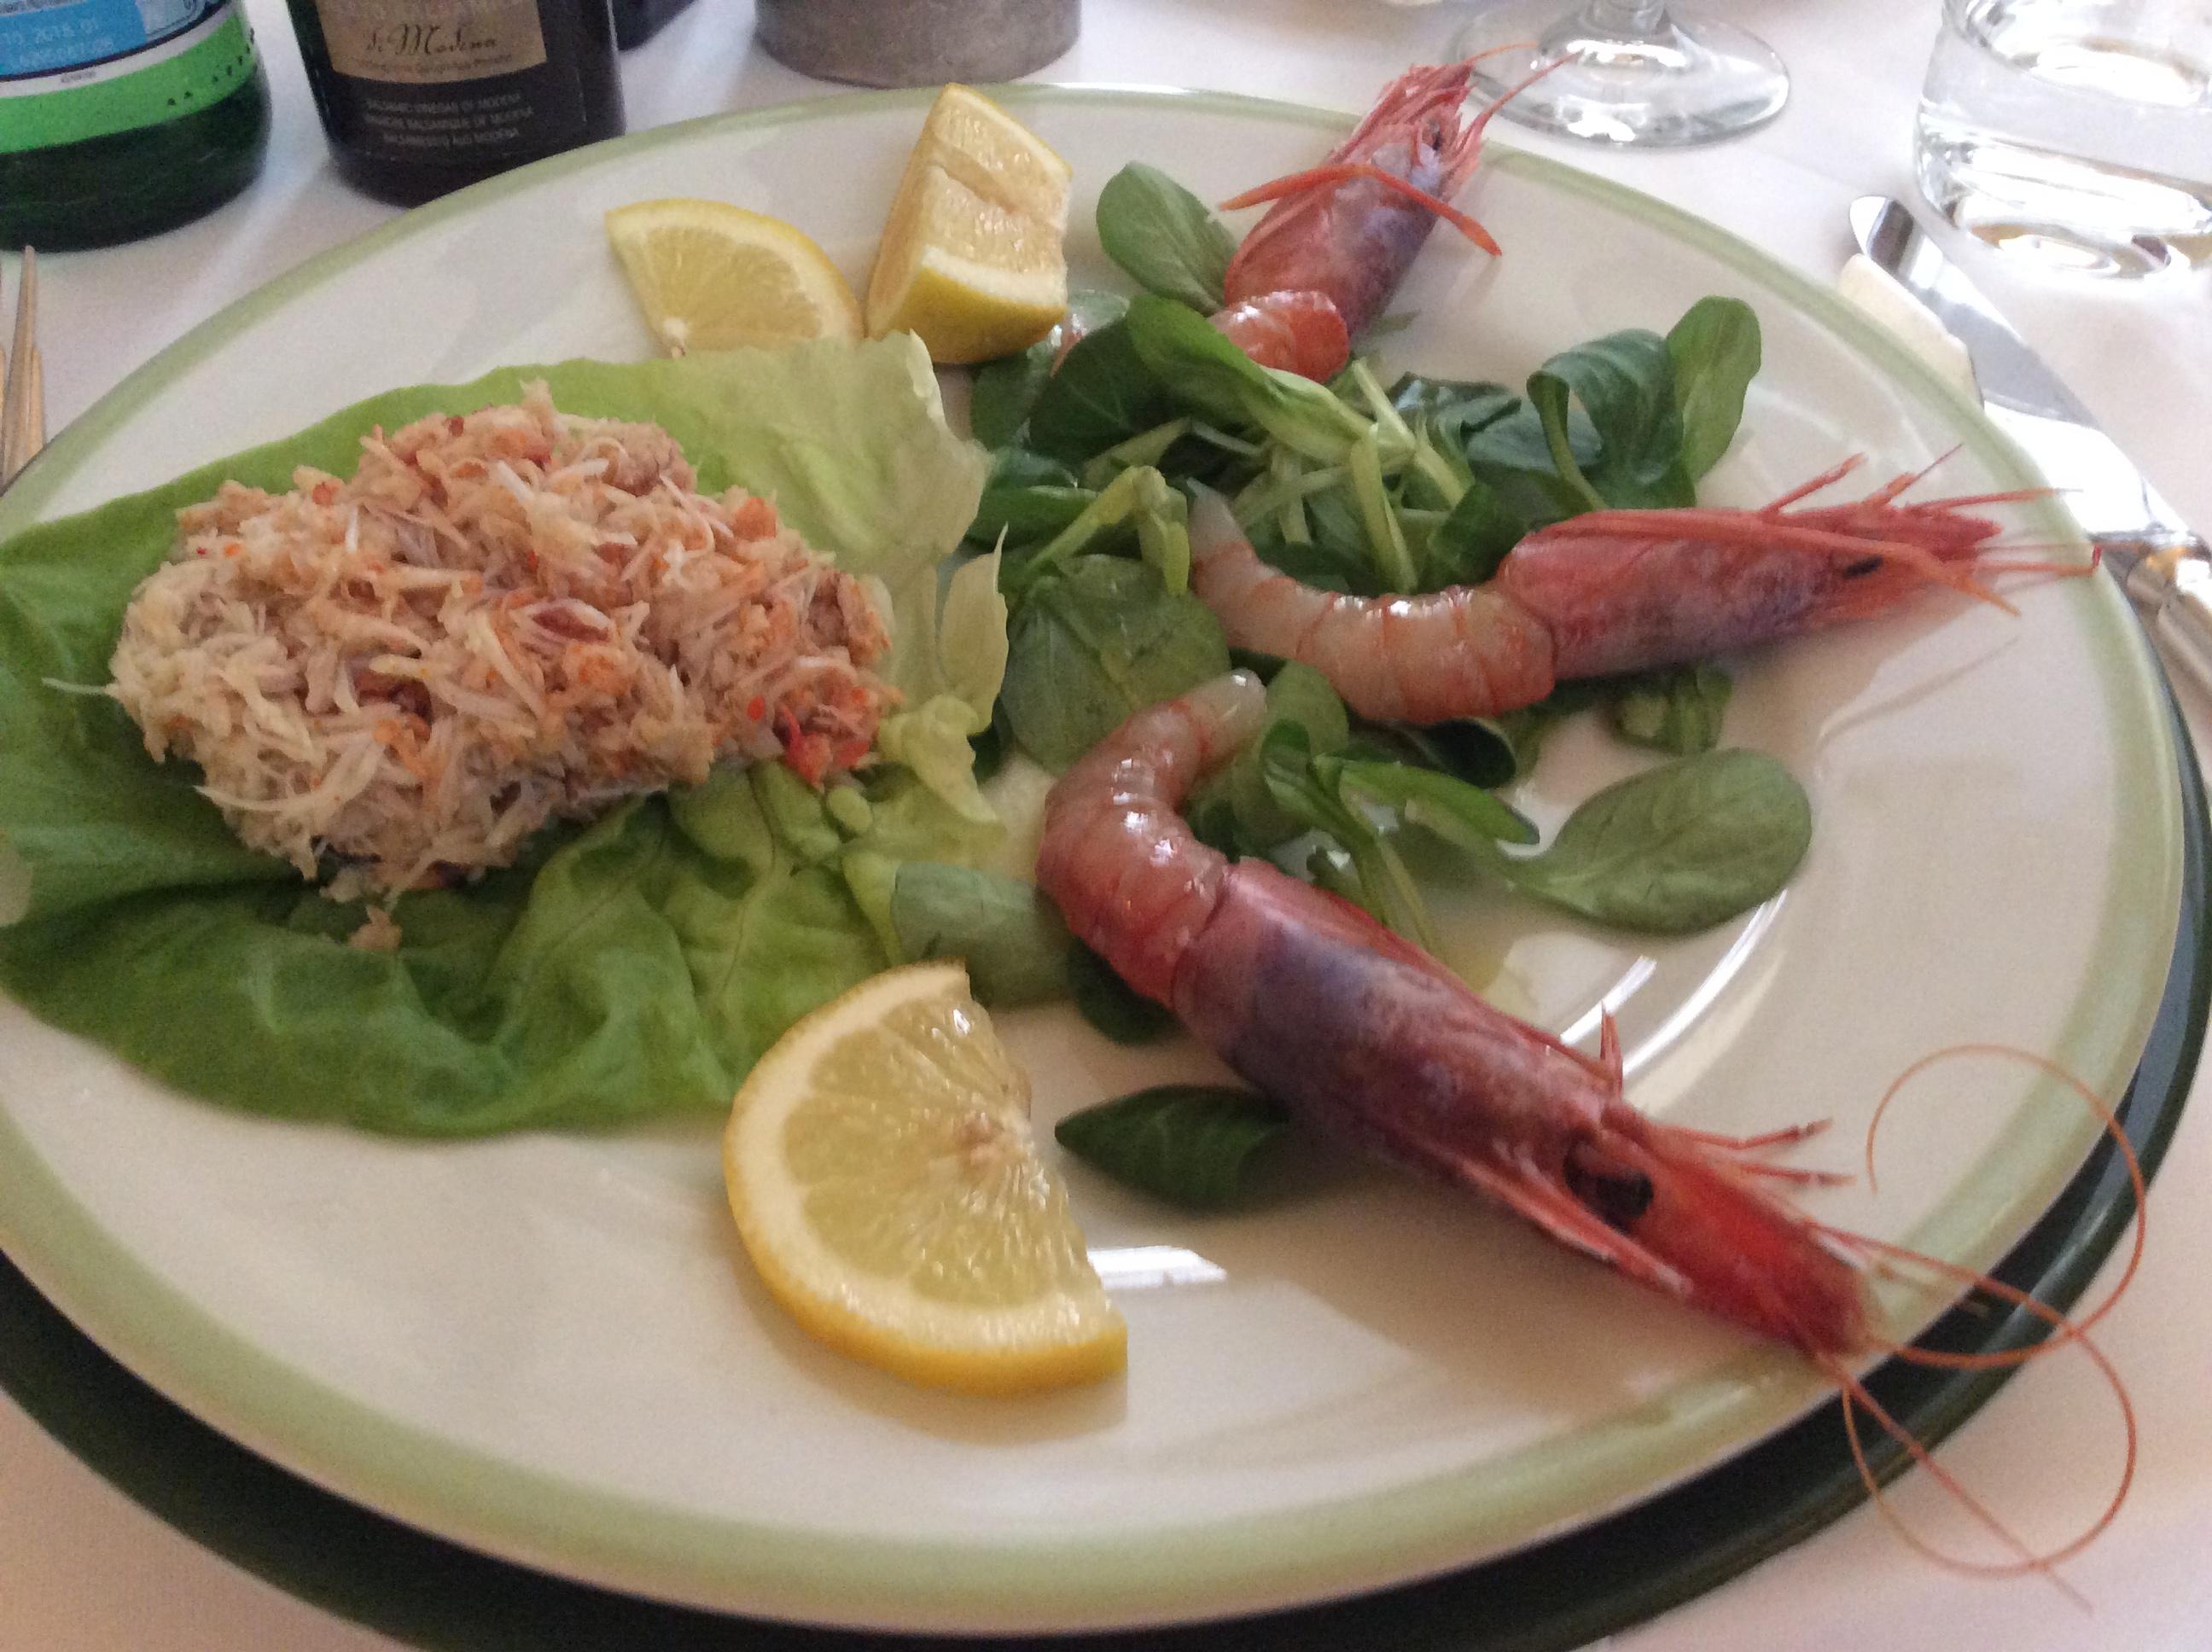 http://gourmet-italian.com/364.JPG